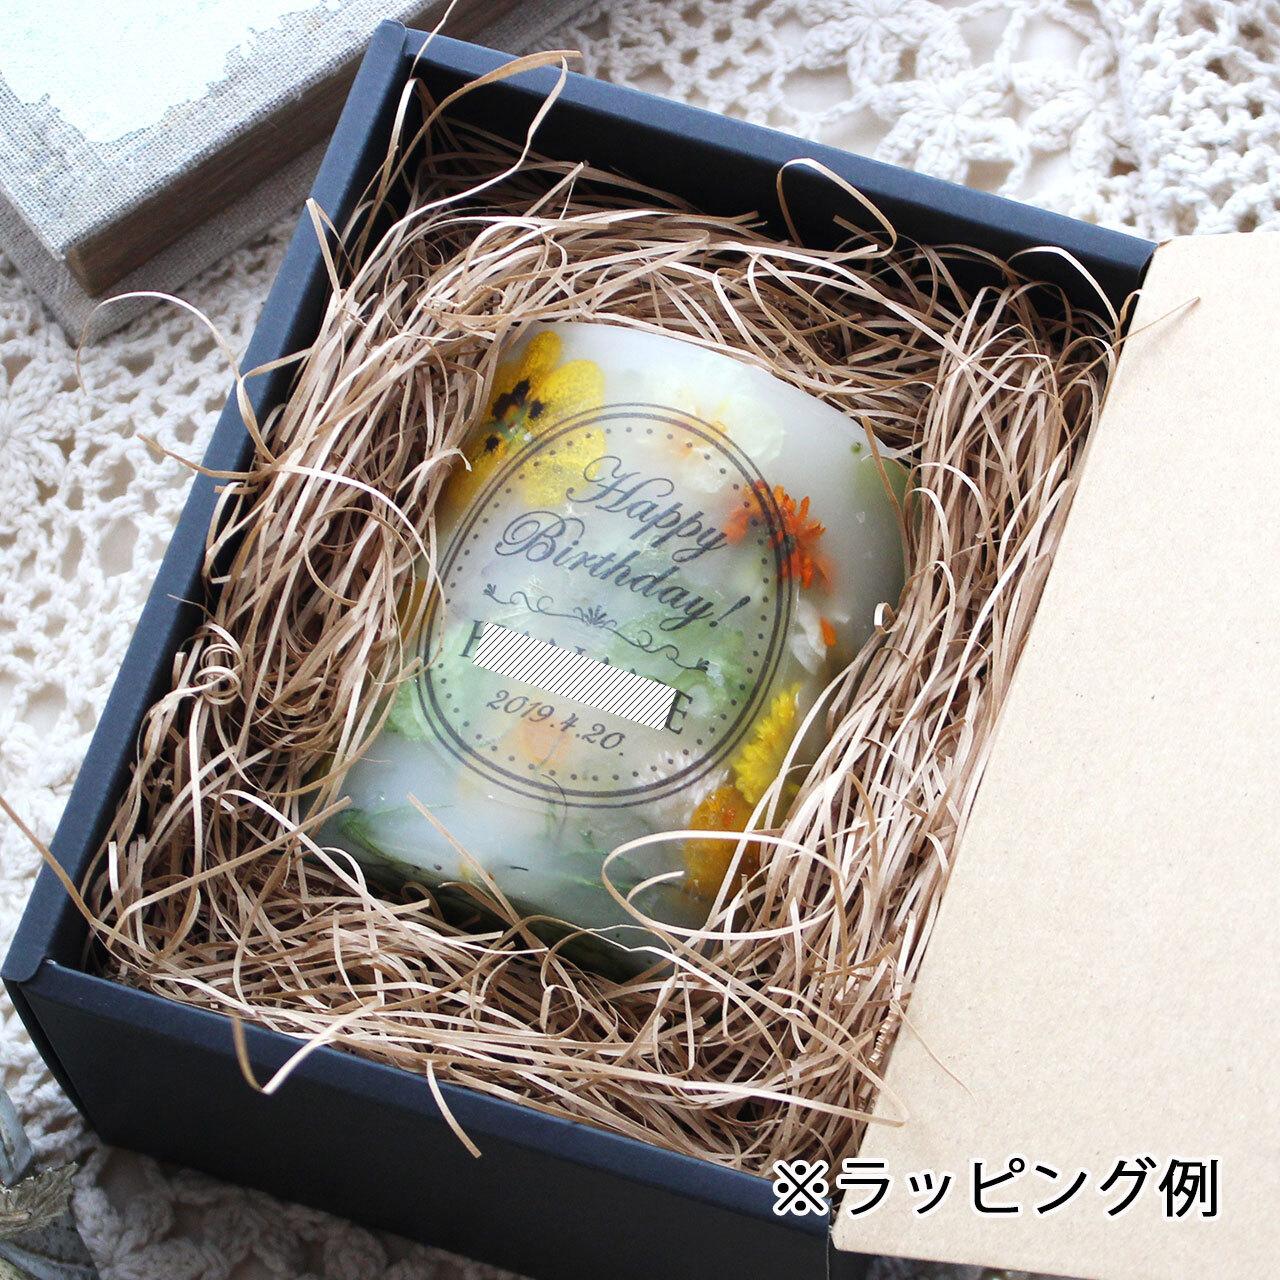 NC234 ギフトラッピング付き☆メッセージ&日付&名入れボタニカルキャンドル プリザーブドローズ